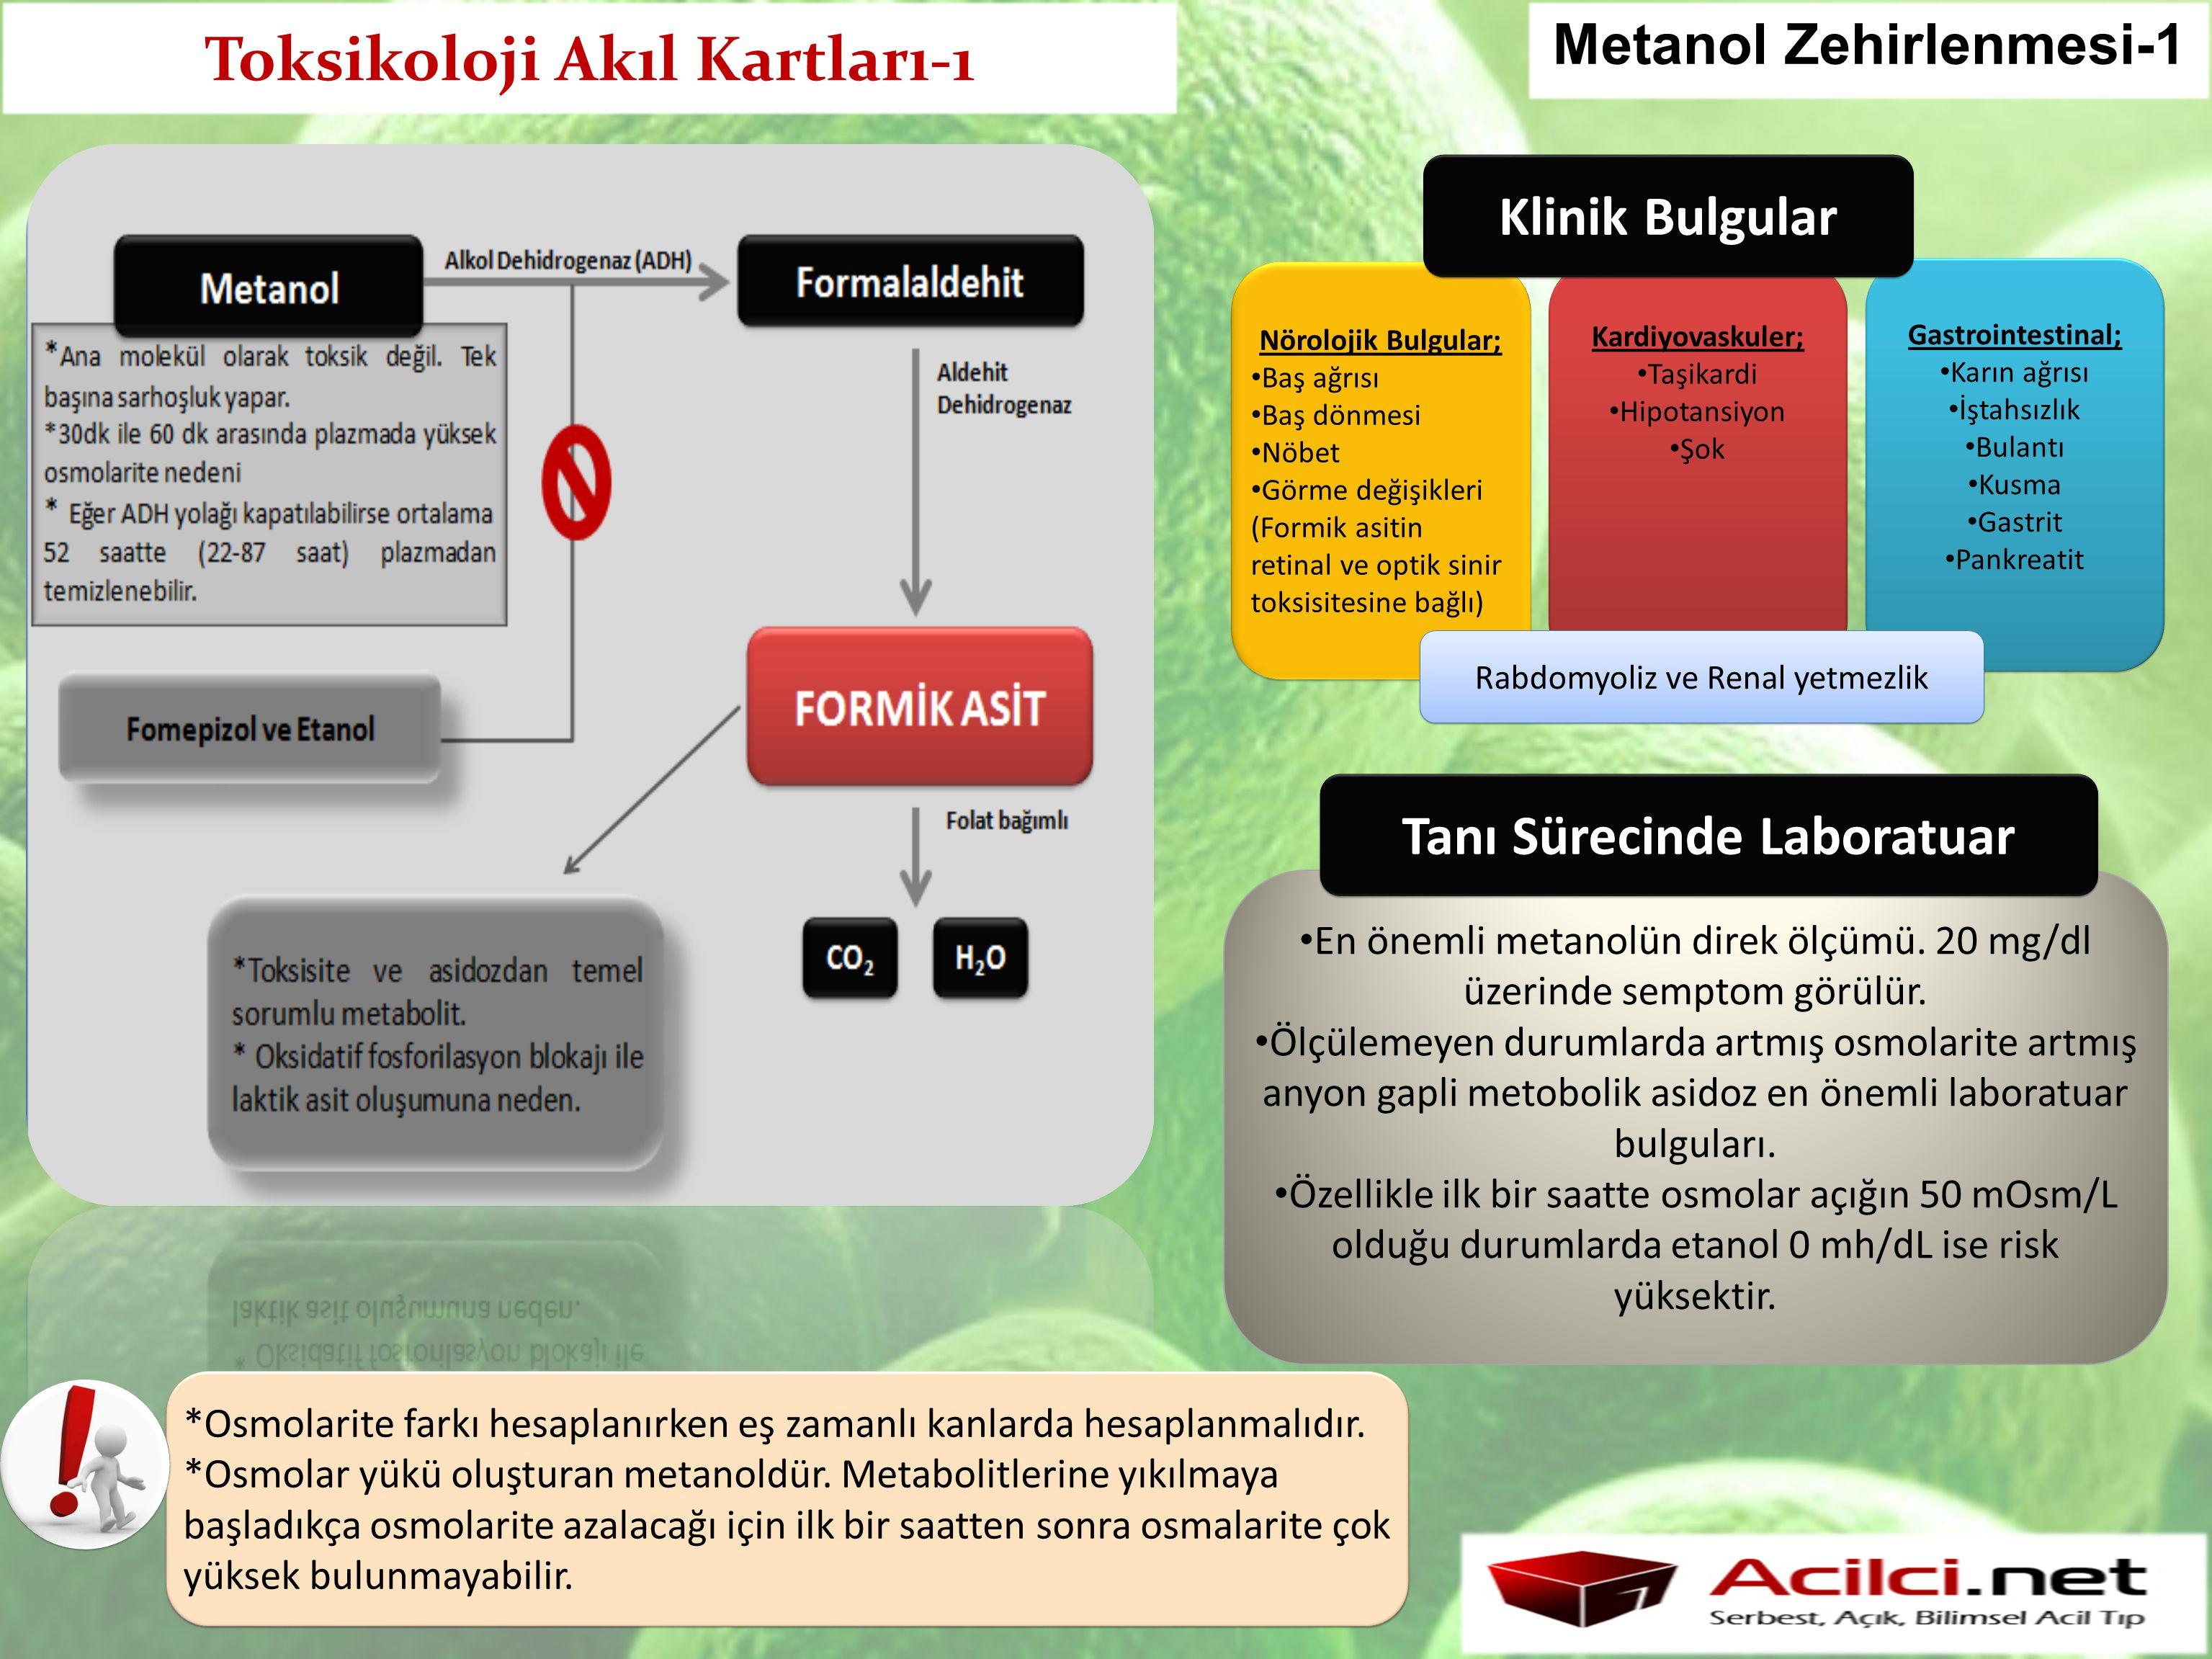 Toksikoloji Akıl Kartları-1